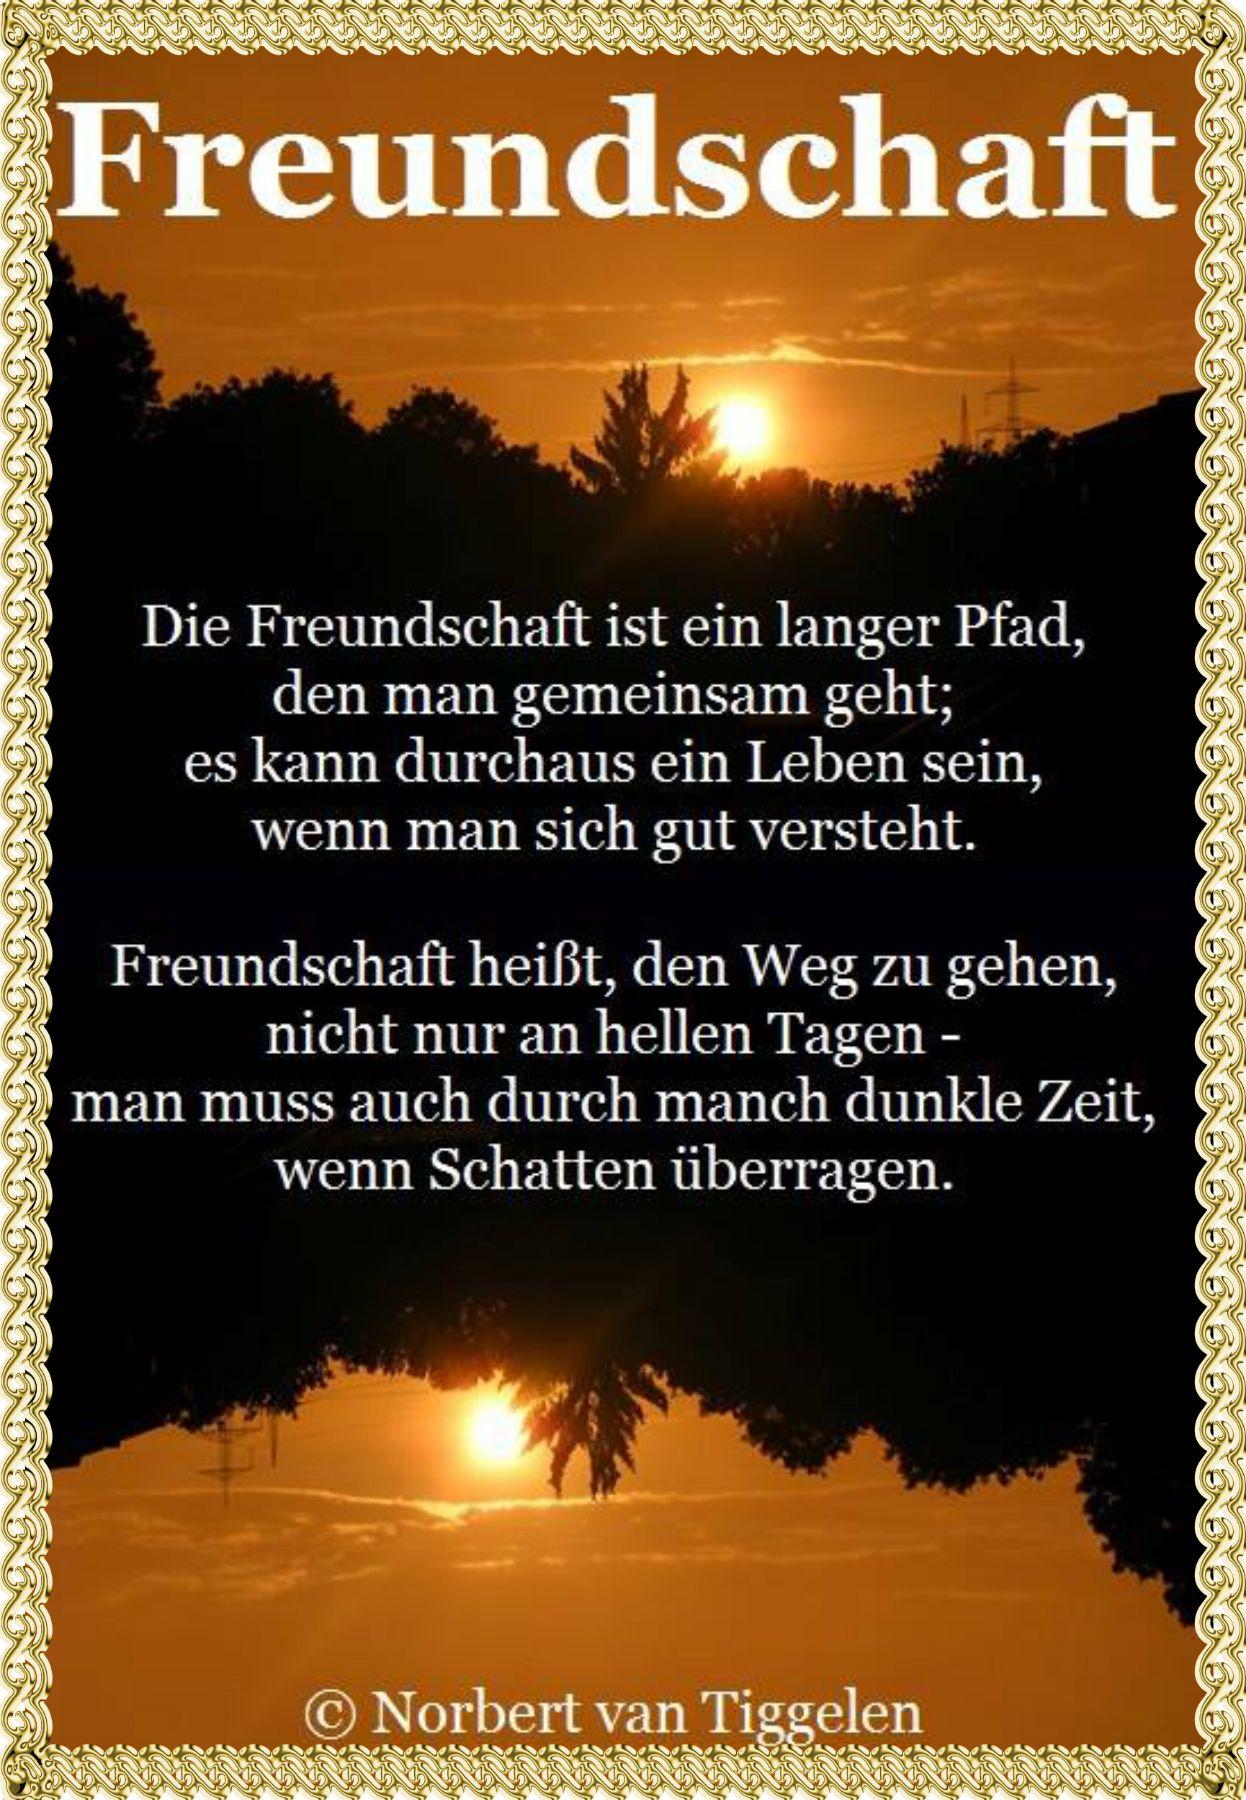 wunderschön geschrieben von Norbert van Tiggelen . ich